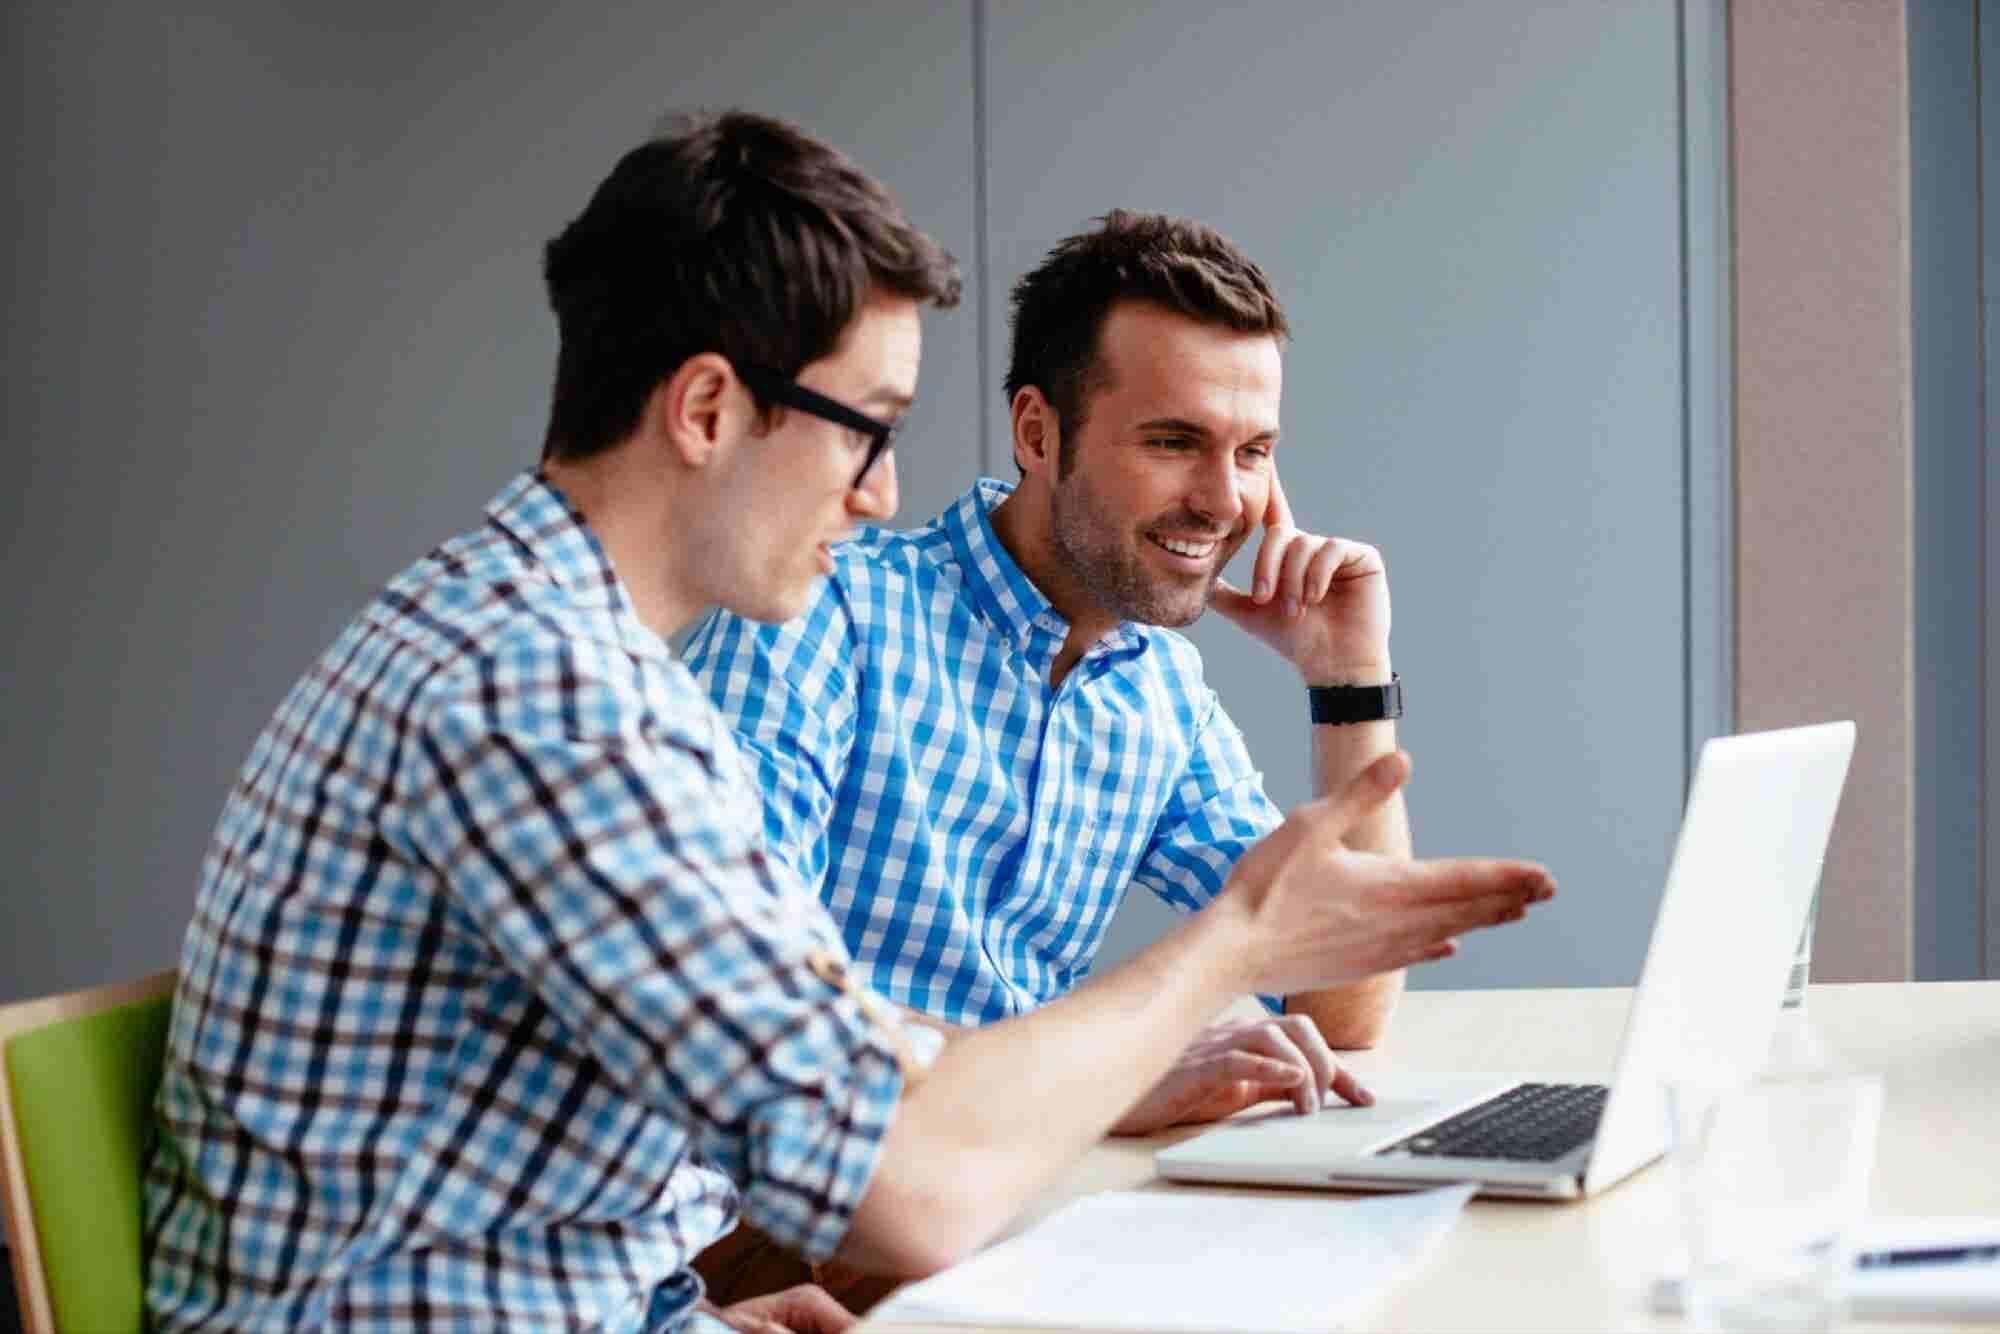 3 ventajas del coworking frente a las cafeterías